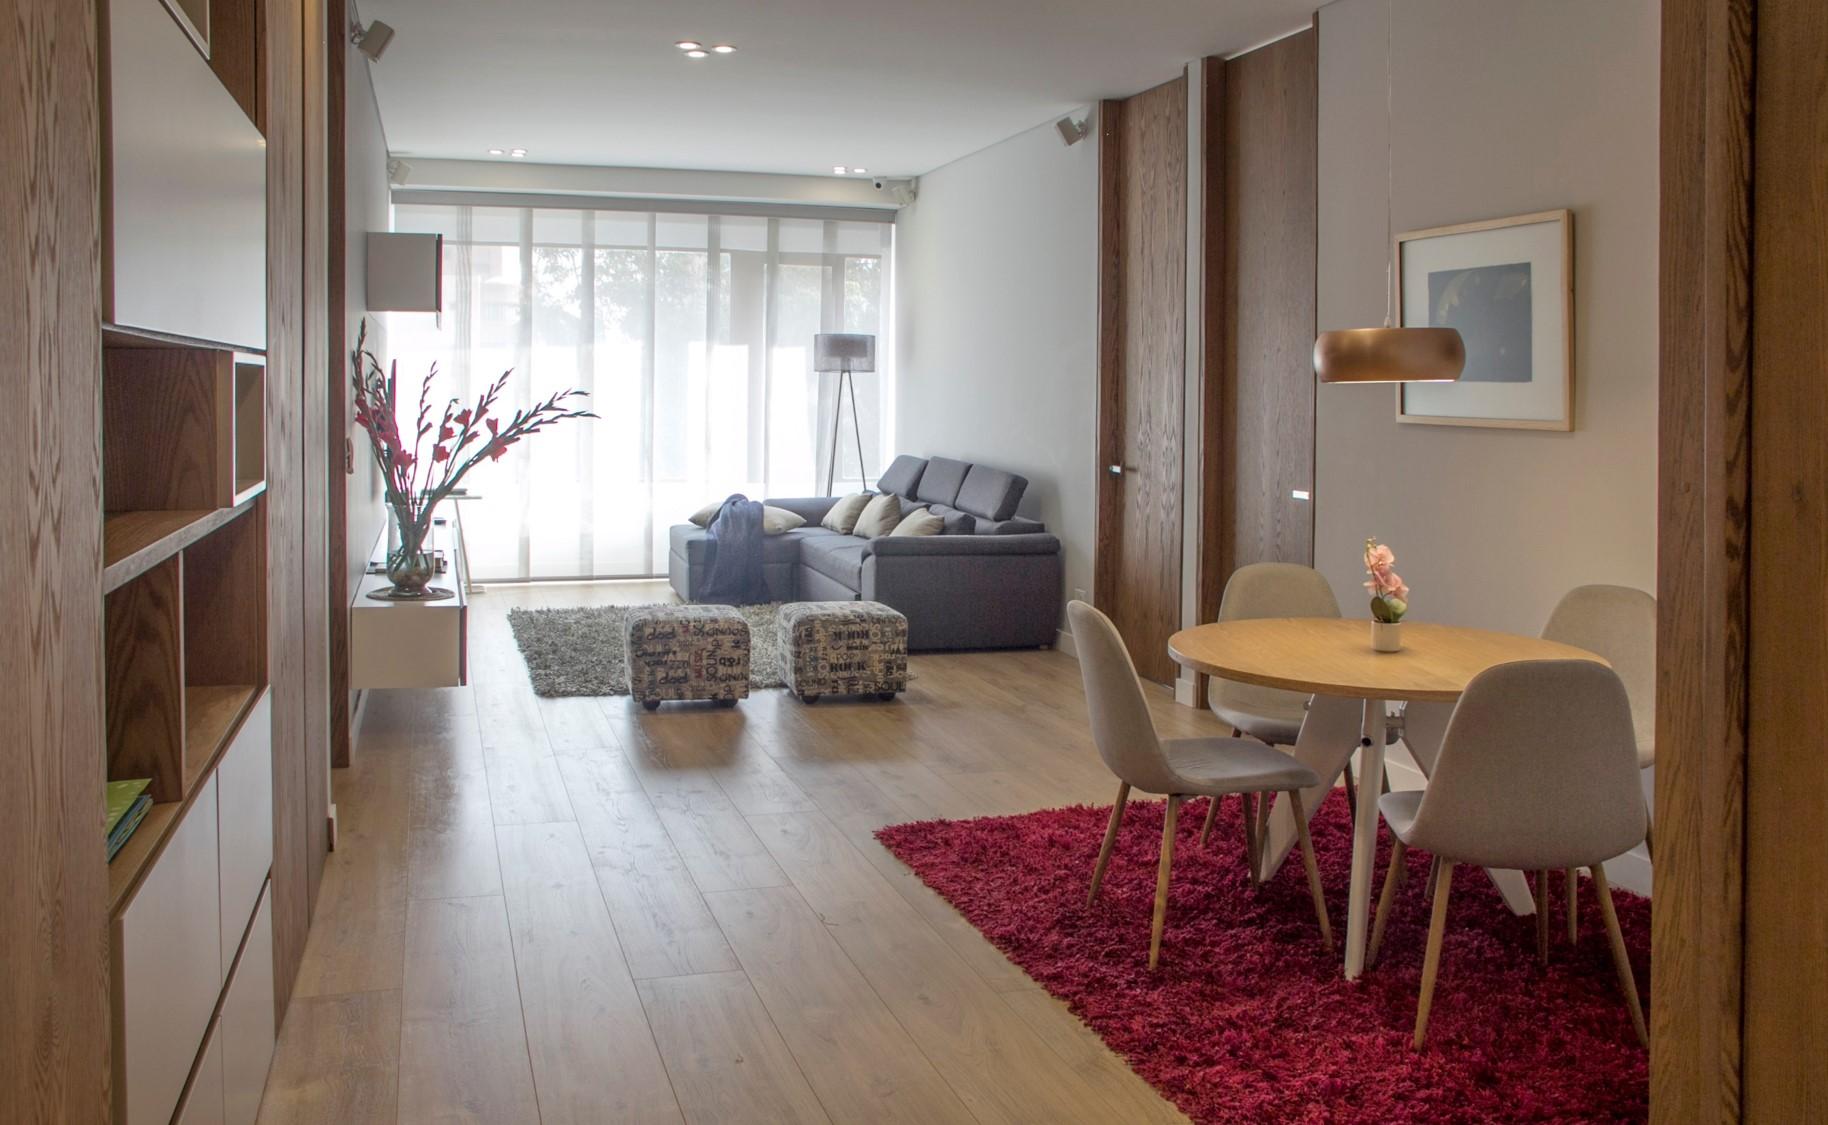 Diseño del salón